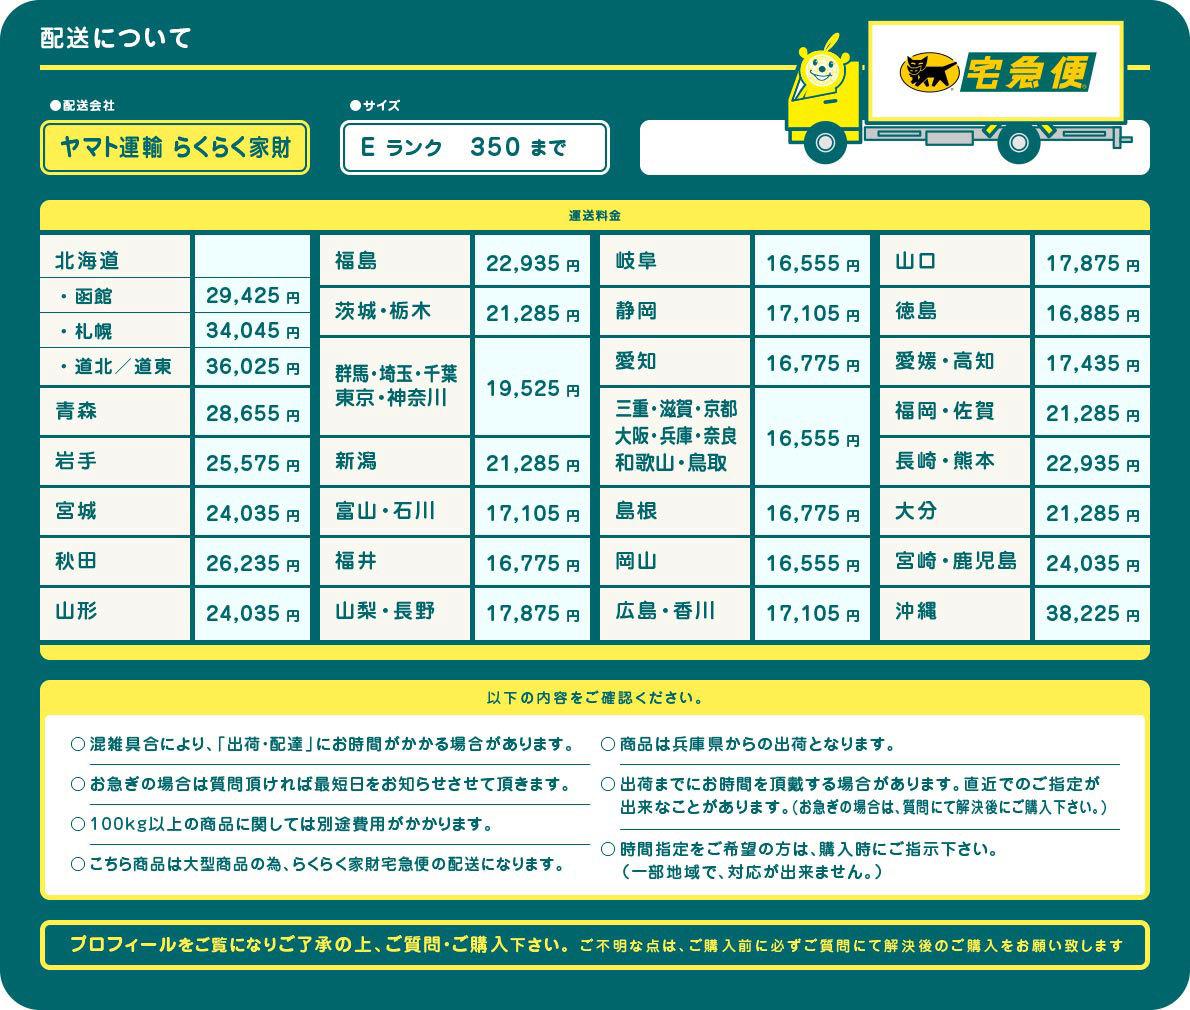 【中古】M▽シャープ 液晶テレビ 2012年 70インチ AQUOS アクオス クアトロン 外付けHDD対応 LC-70X5 (19853)_画像10